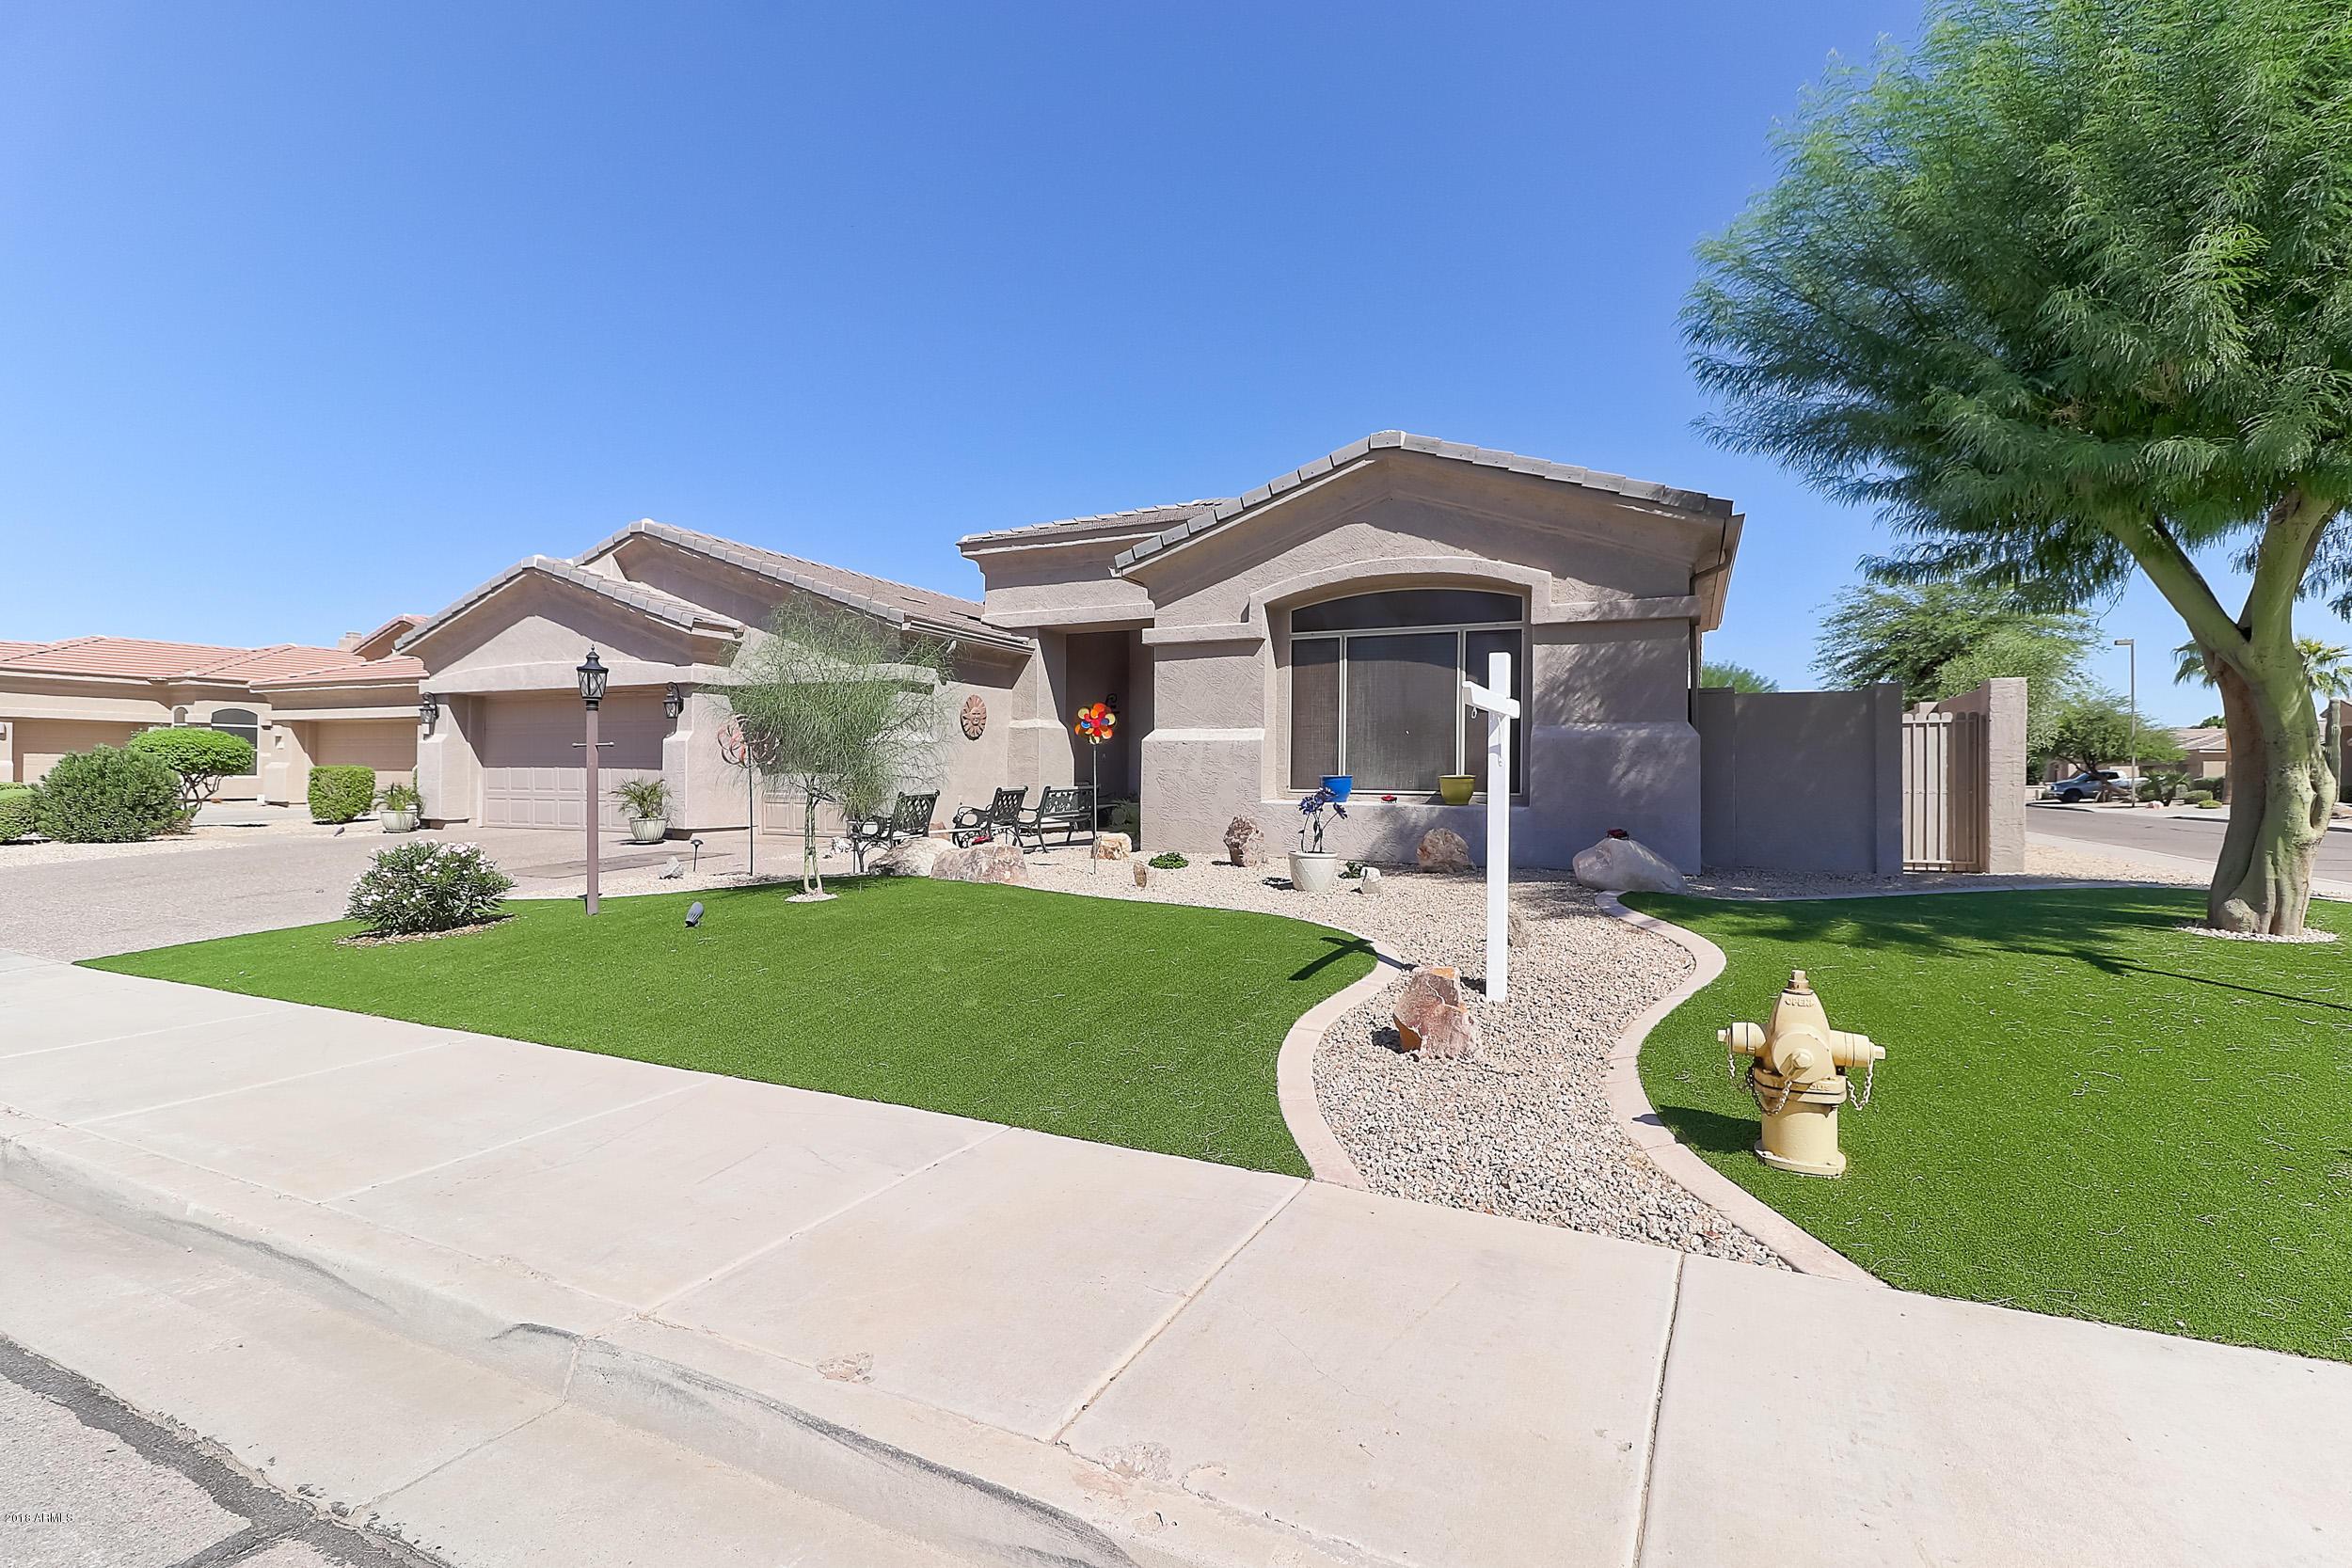 Photo of 1715 N 134TH Lane, Goodyear, AZ 85395